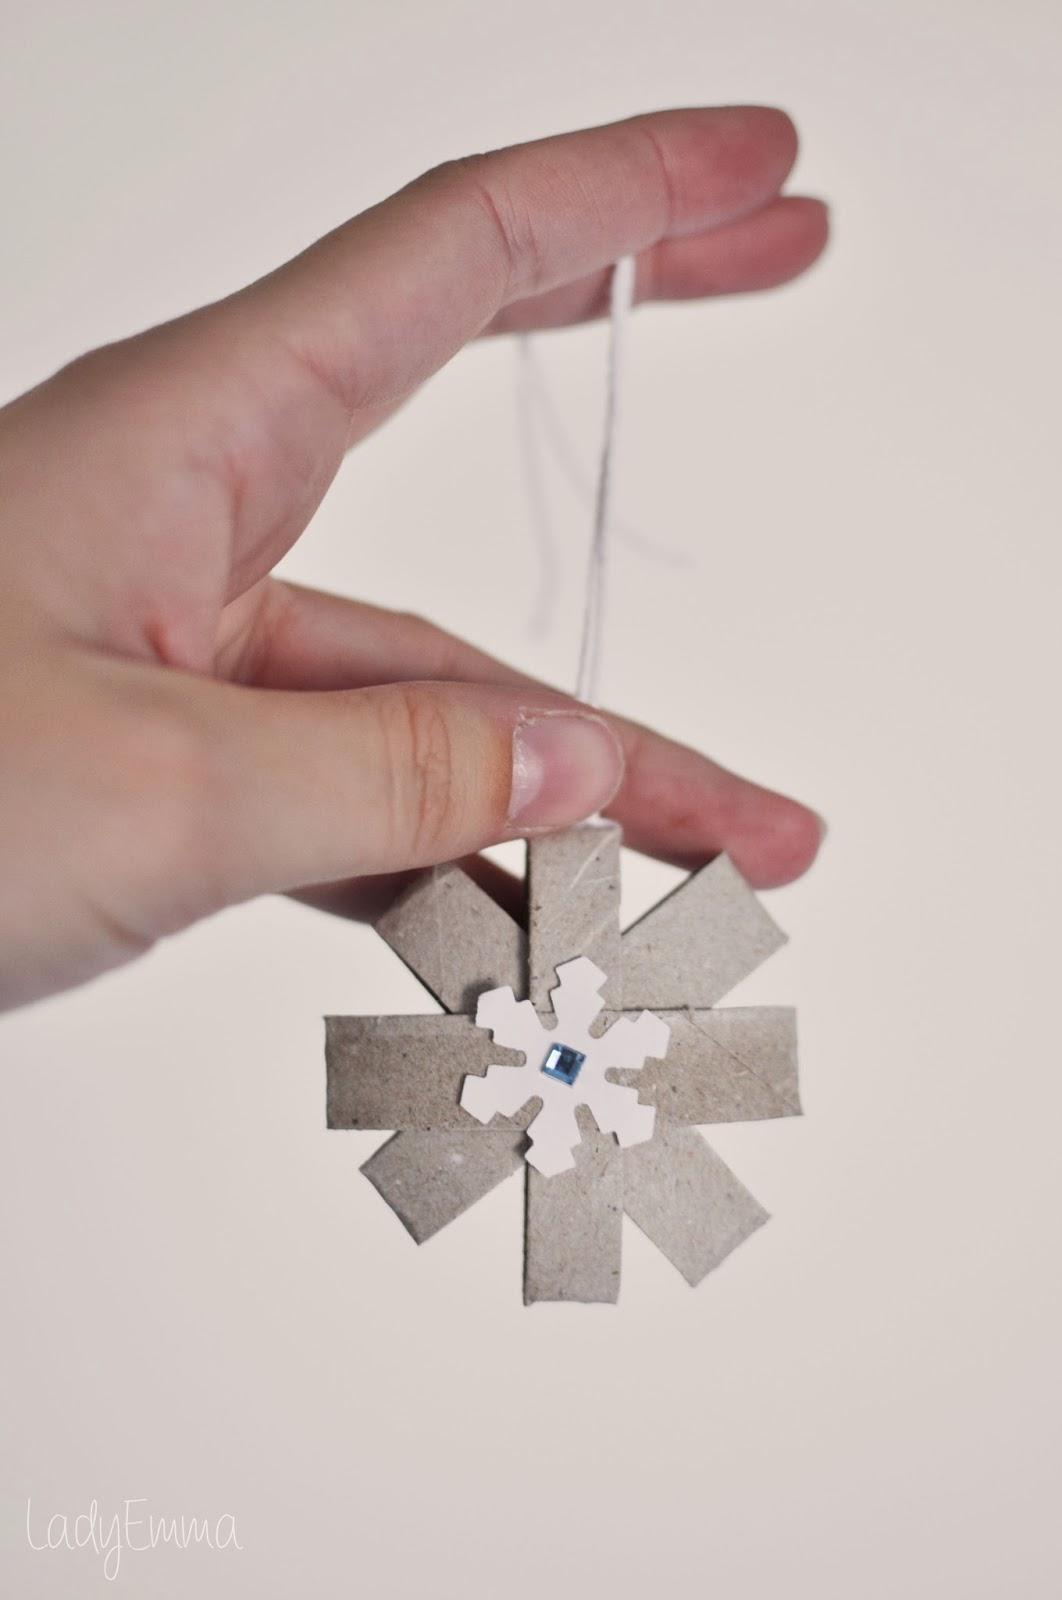 Lady emma adornos de navidad - Adornos navidenos con rollos de papel higienico ...